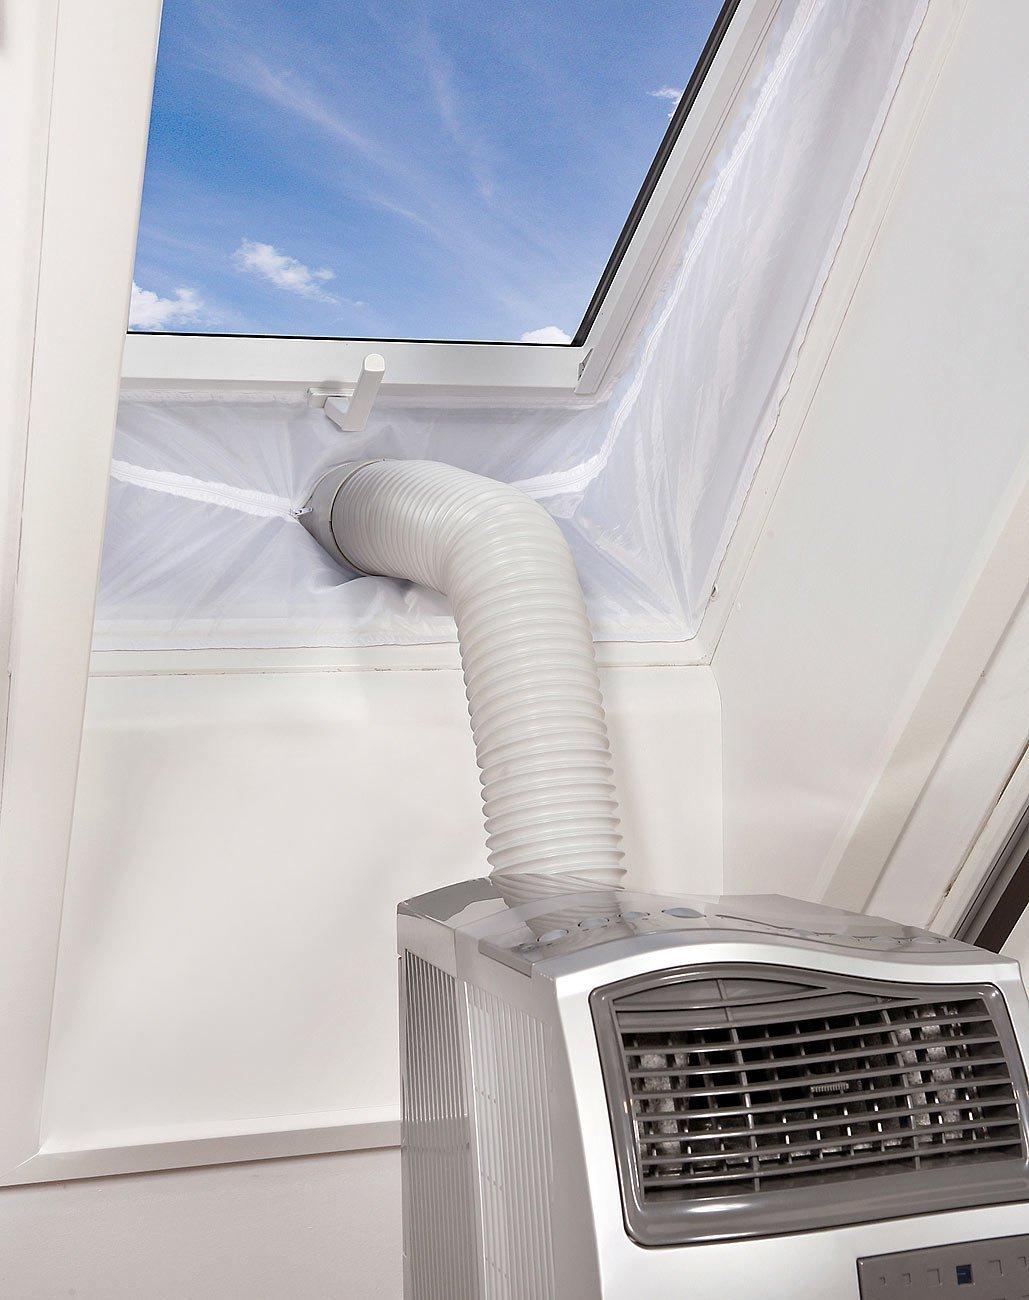 Fenster 560cm Dachfenster 560cm Hot Air Stop Yinong-eu Fensterabdichtung f/ür mobile Klimager/äte und Ablufttrockner Luftentfeuchter,AirLock F/ür Fenster Fl/ügelfenster